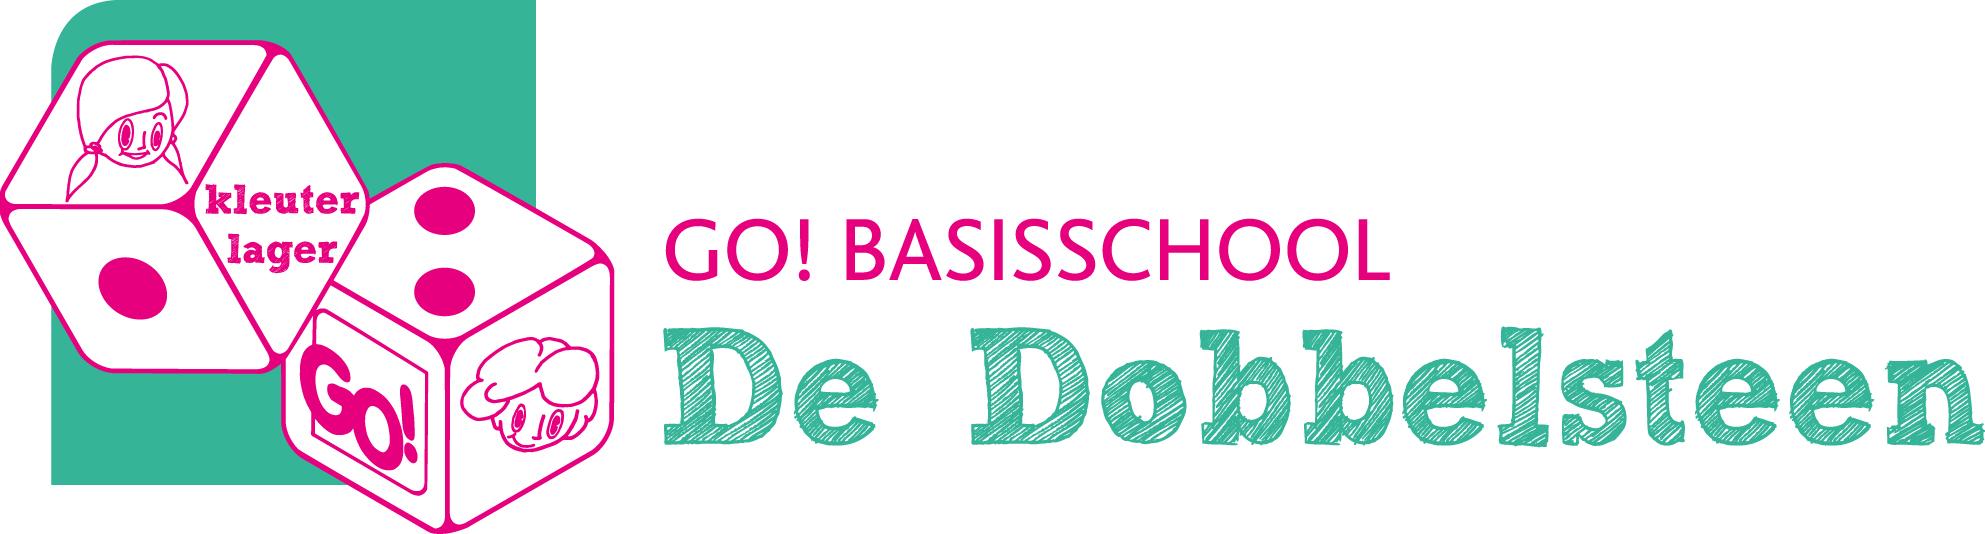 GO! Basisschool De Dobbelsteen